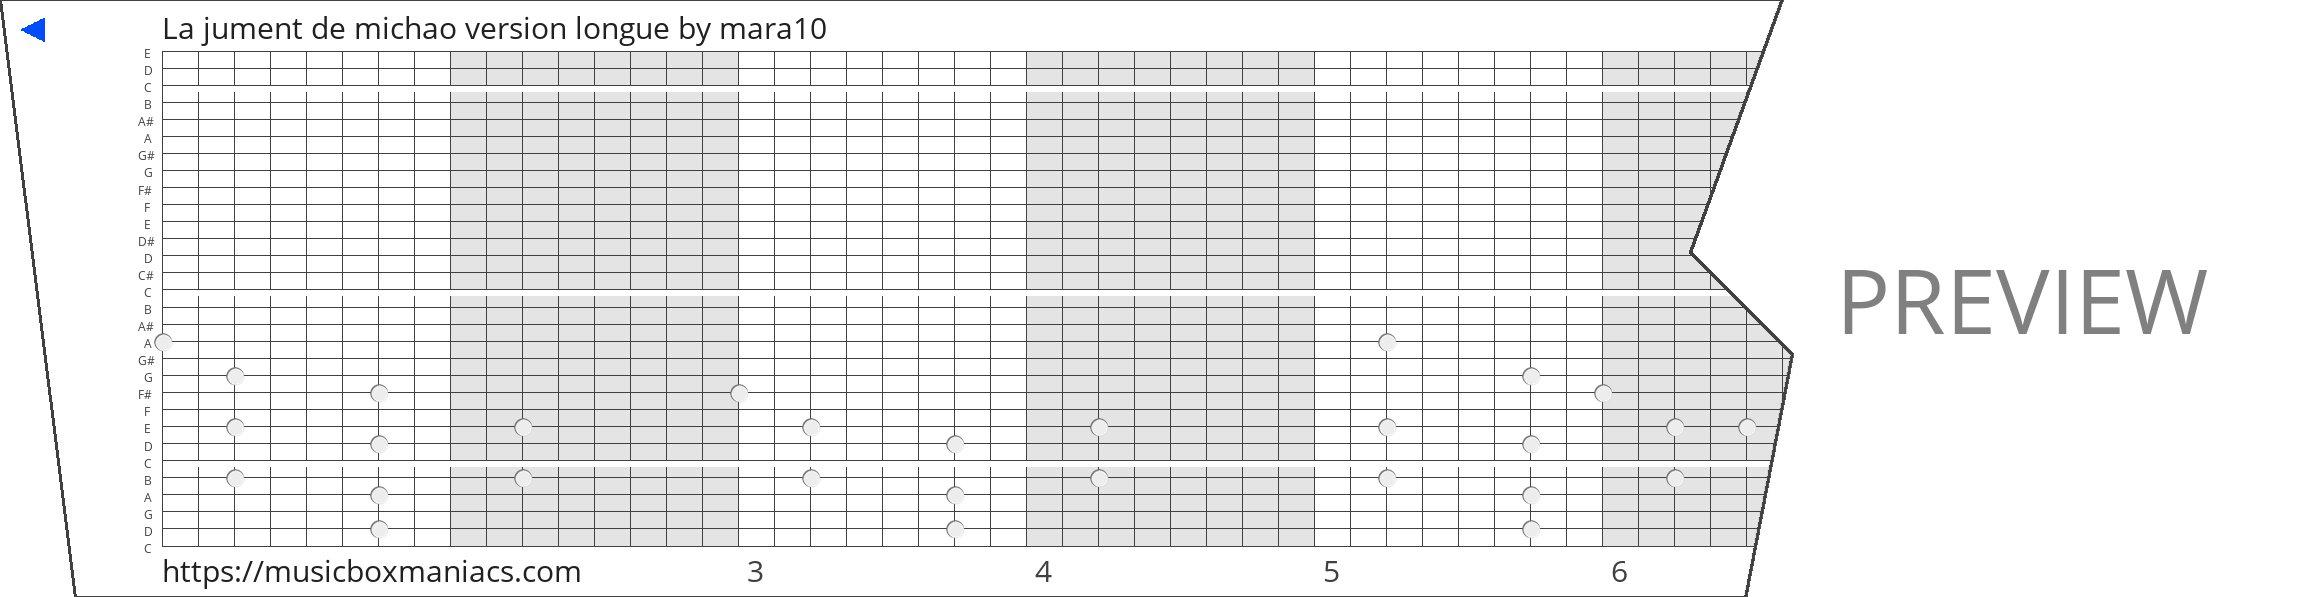 La jument de michao version longue 30 note music box paper strip